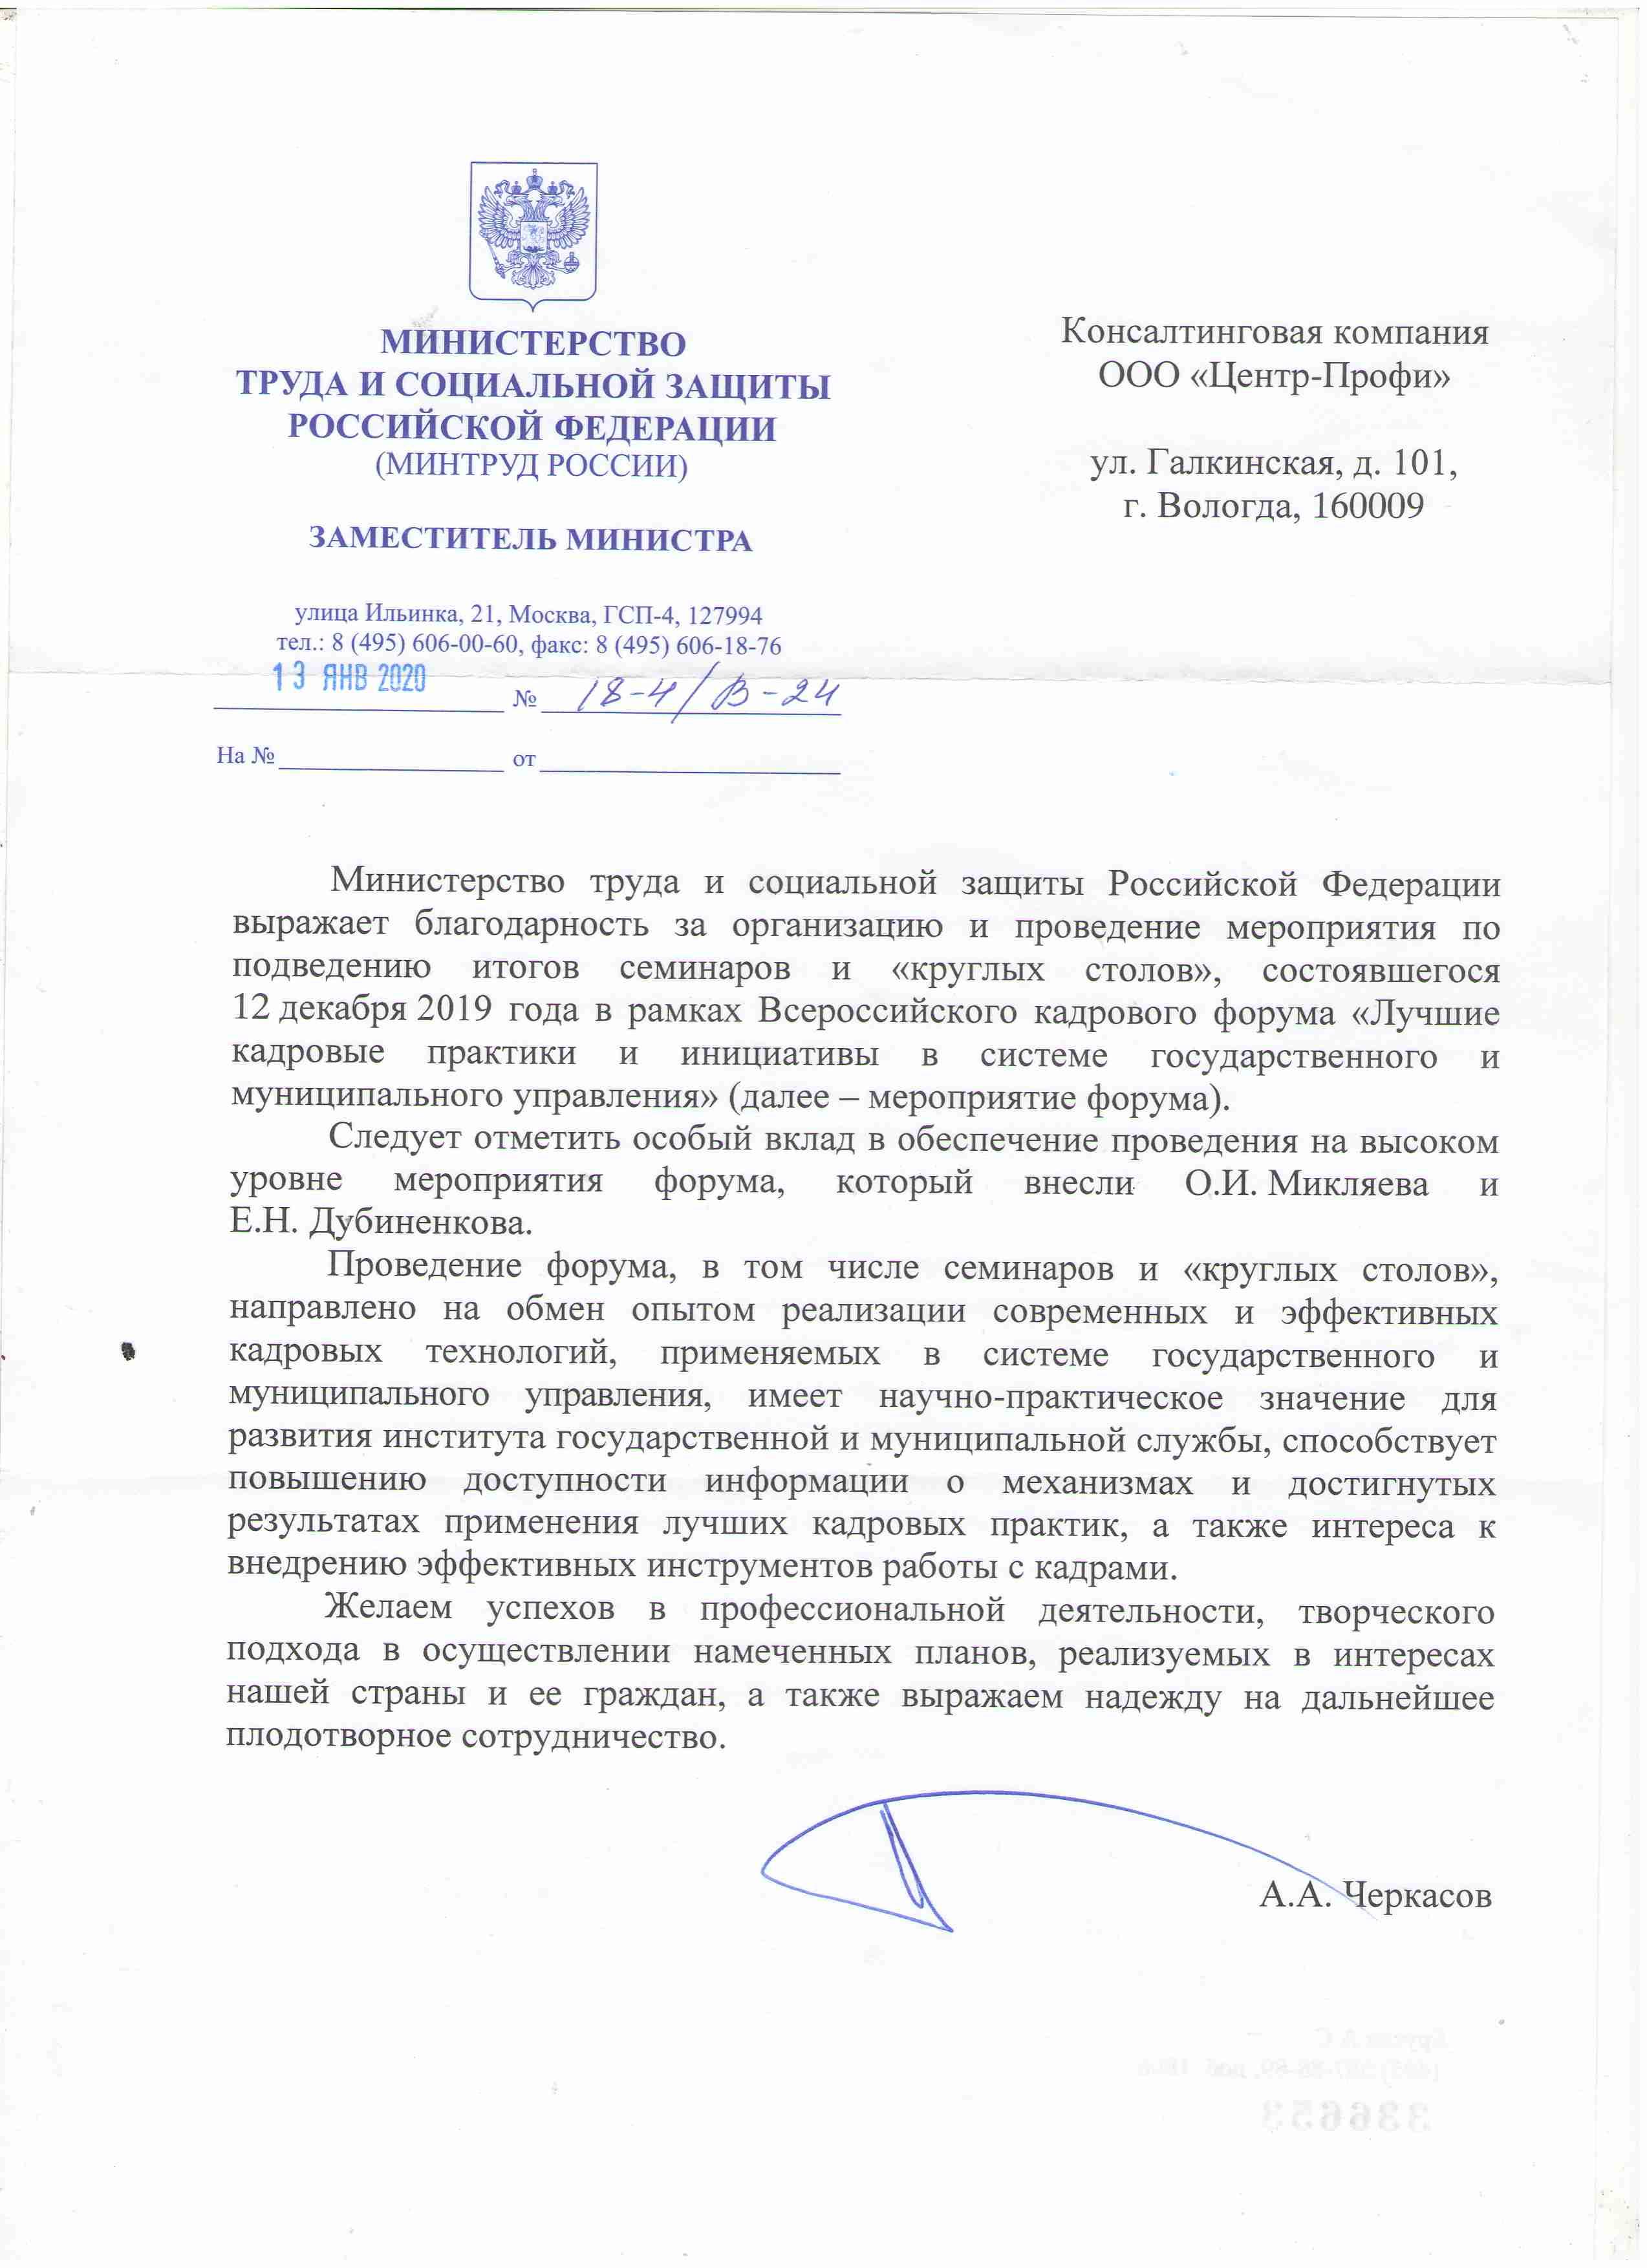 Благодарственное письмо от Минтруда РФ